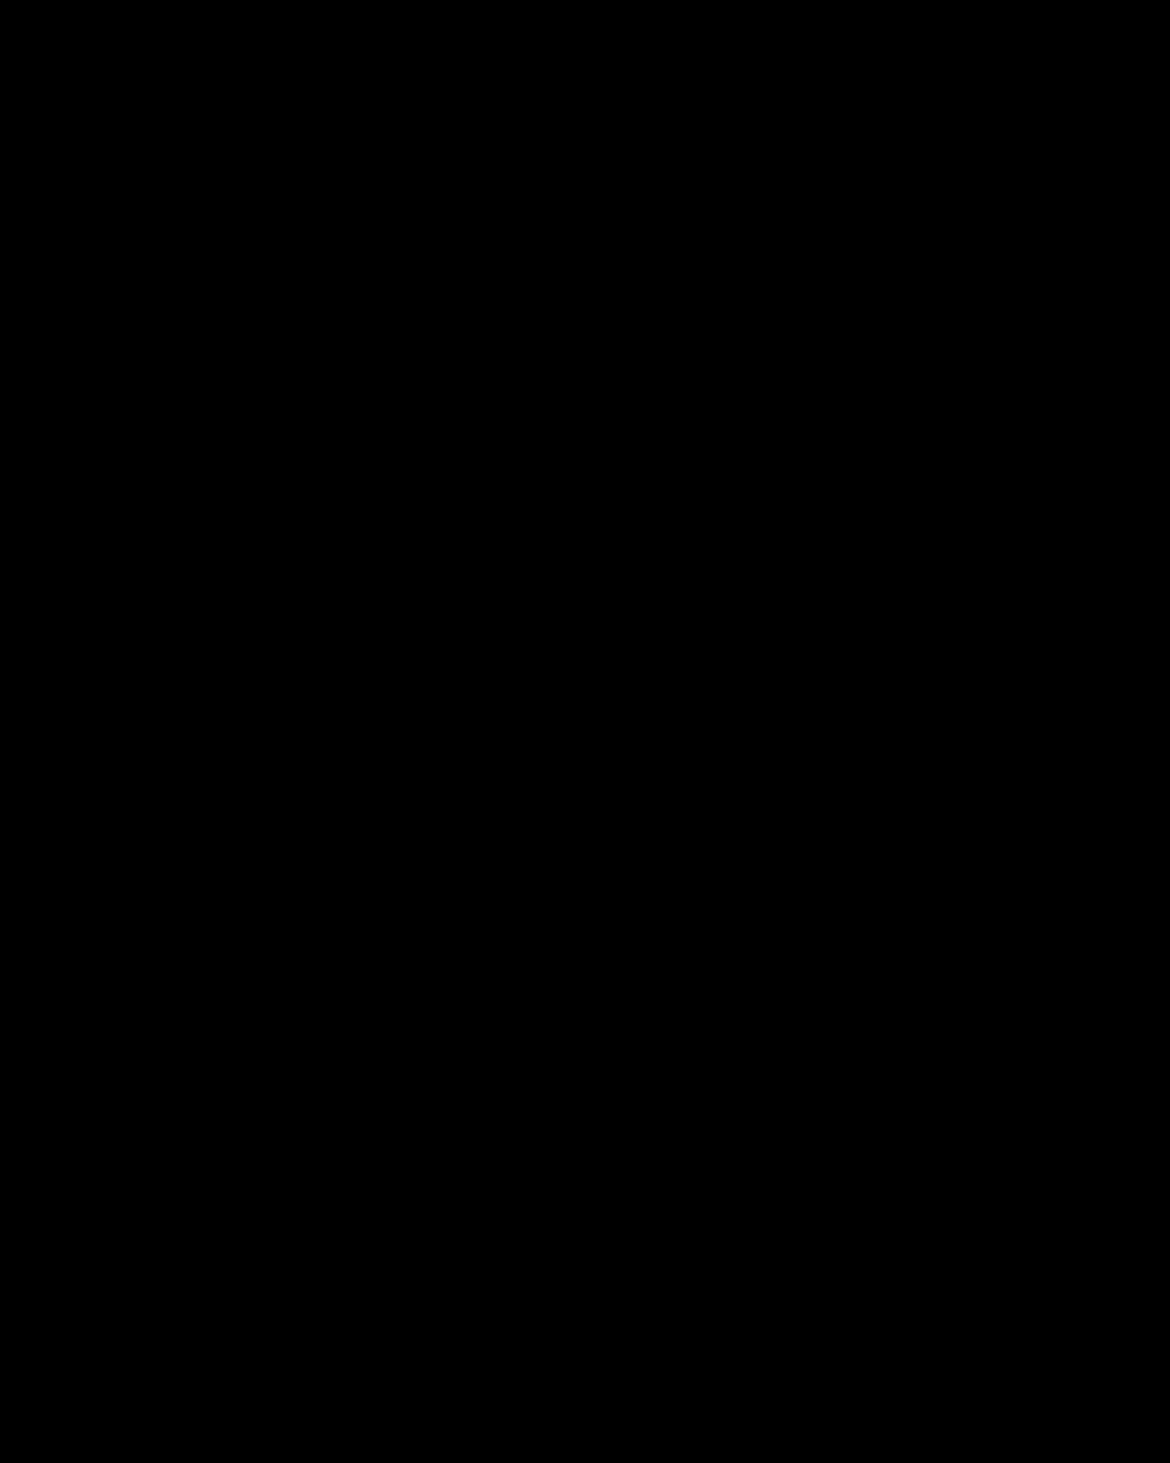 Viaggio in Oman: Cosa vedere in 5 giorni by Laura Comolli - Anantara Al Jabal Al Akhdar resort